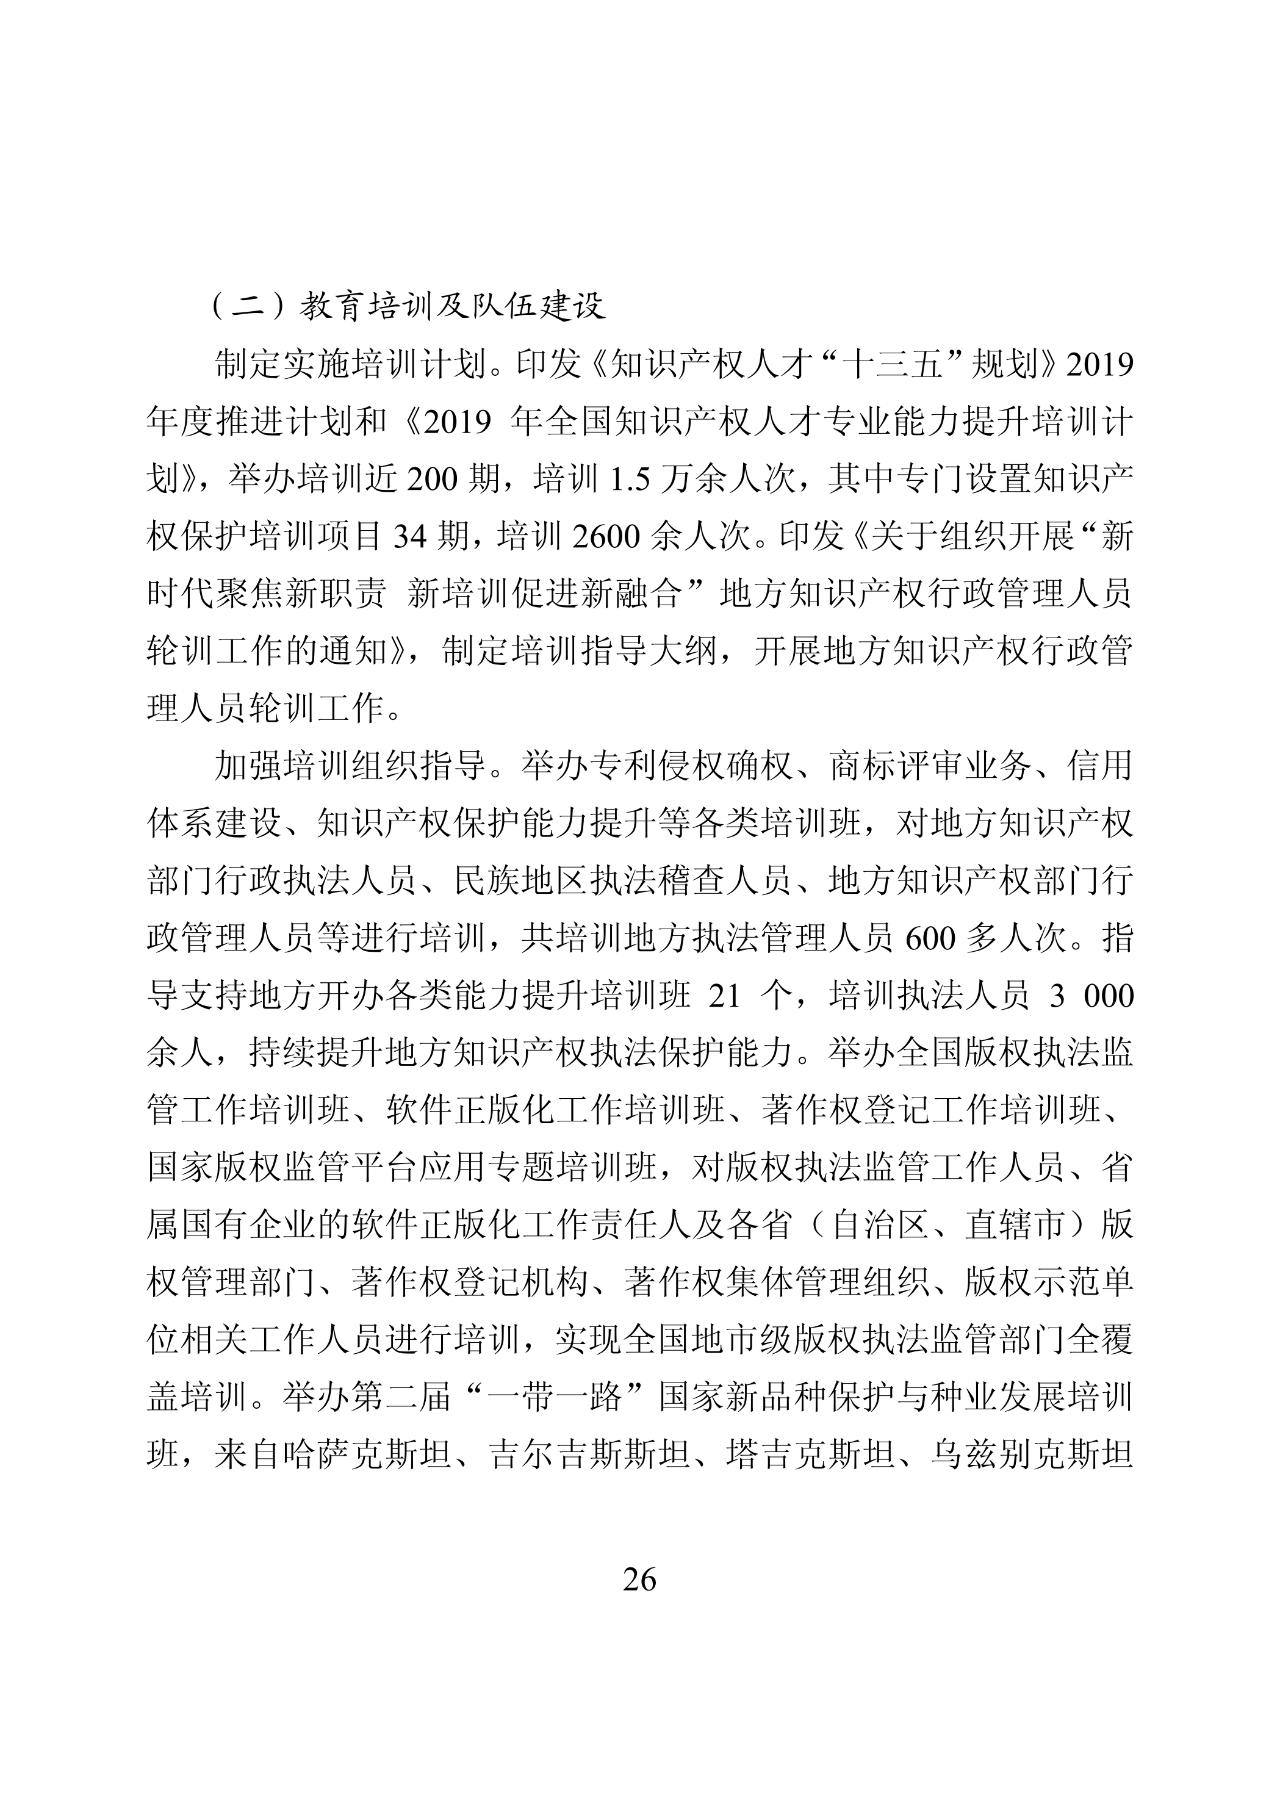 国知局:2019年中国知识产权保护状况(全文发布)